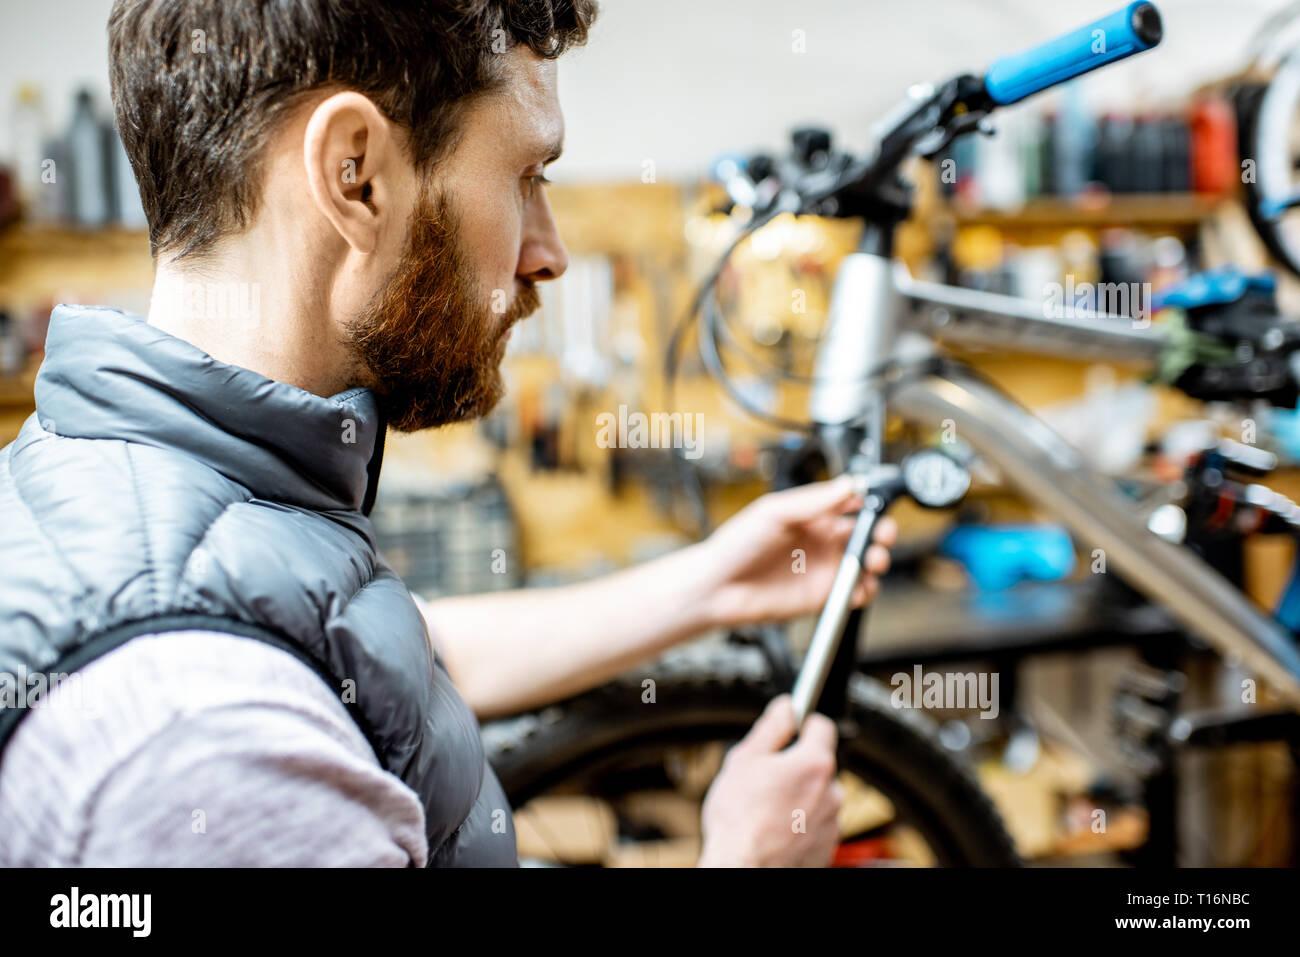 Handwerker, ein Fahrrad, einen Druck im pneumatischen Stoßdämpfers eine Gabel in der Werkstatt Stockfoto